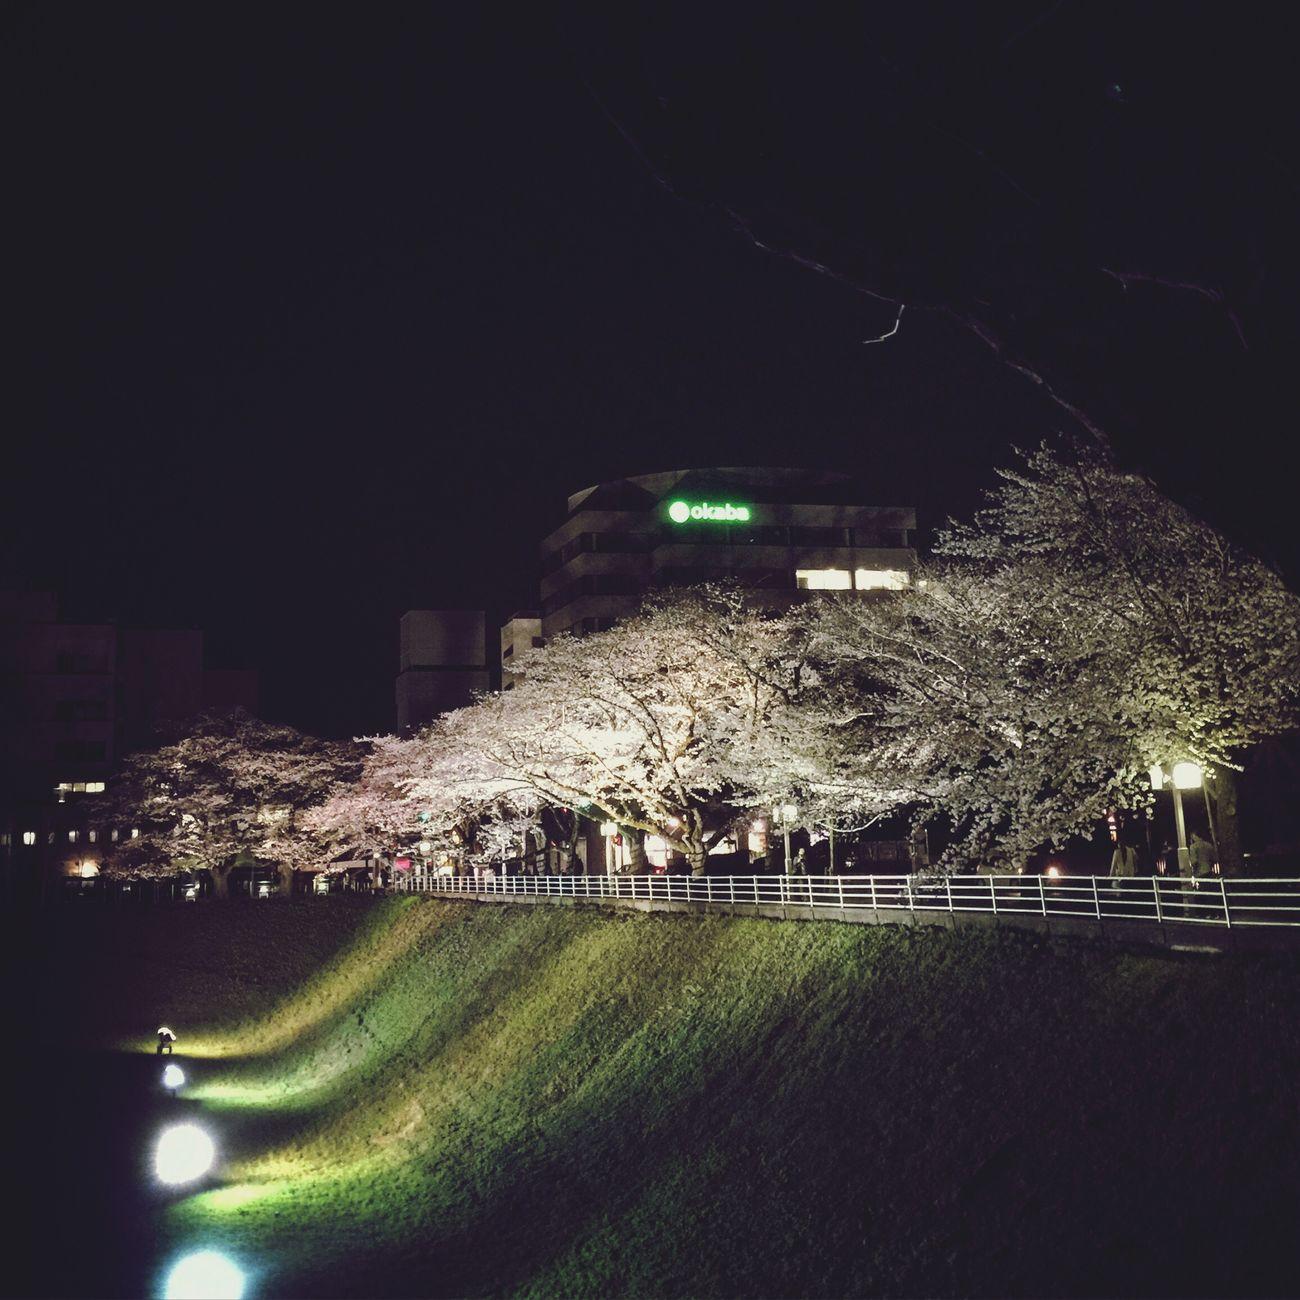 ♪さくらさくら 弥生の空に サクラ 桜 😚 夜桜お七 Cherryblossom 夜桜 日本の桜 日本の心 Sakura